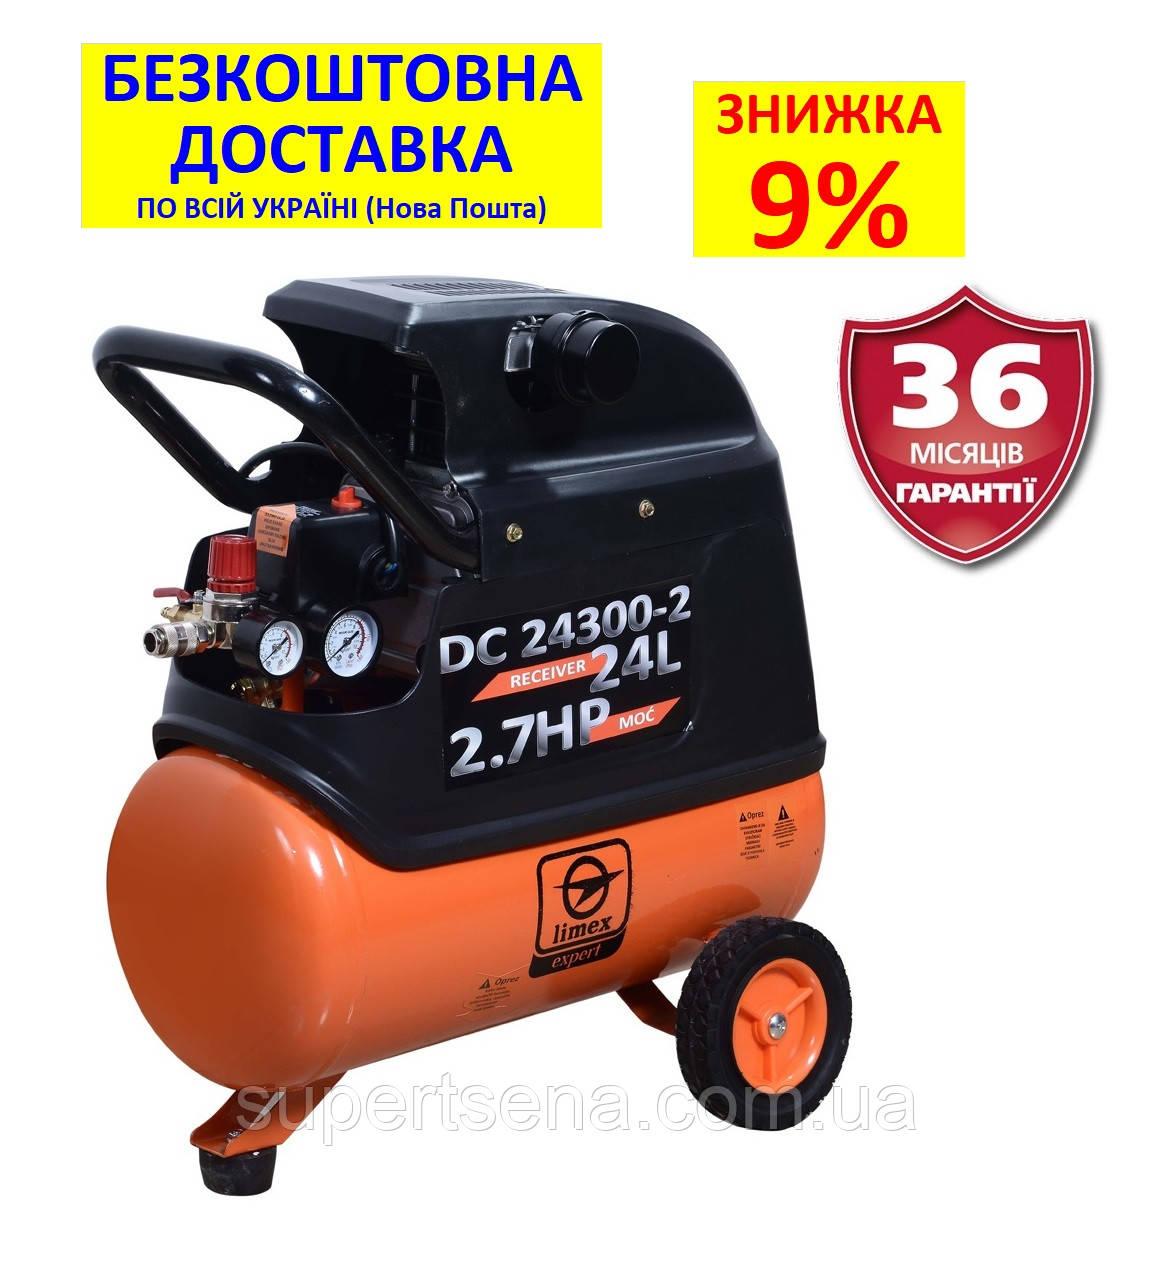 Компресор DC 24300-2 kit (360 л/хв) +ЗНИЖКА 9% +БЕЗКОШТОВНА ДОСТАВКА (LIMEX expert, Хорватія)